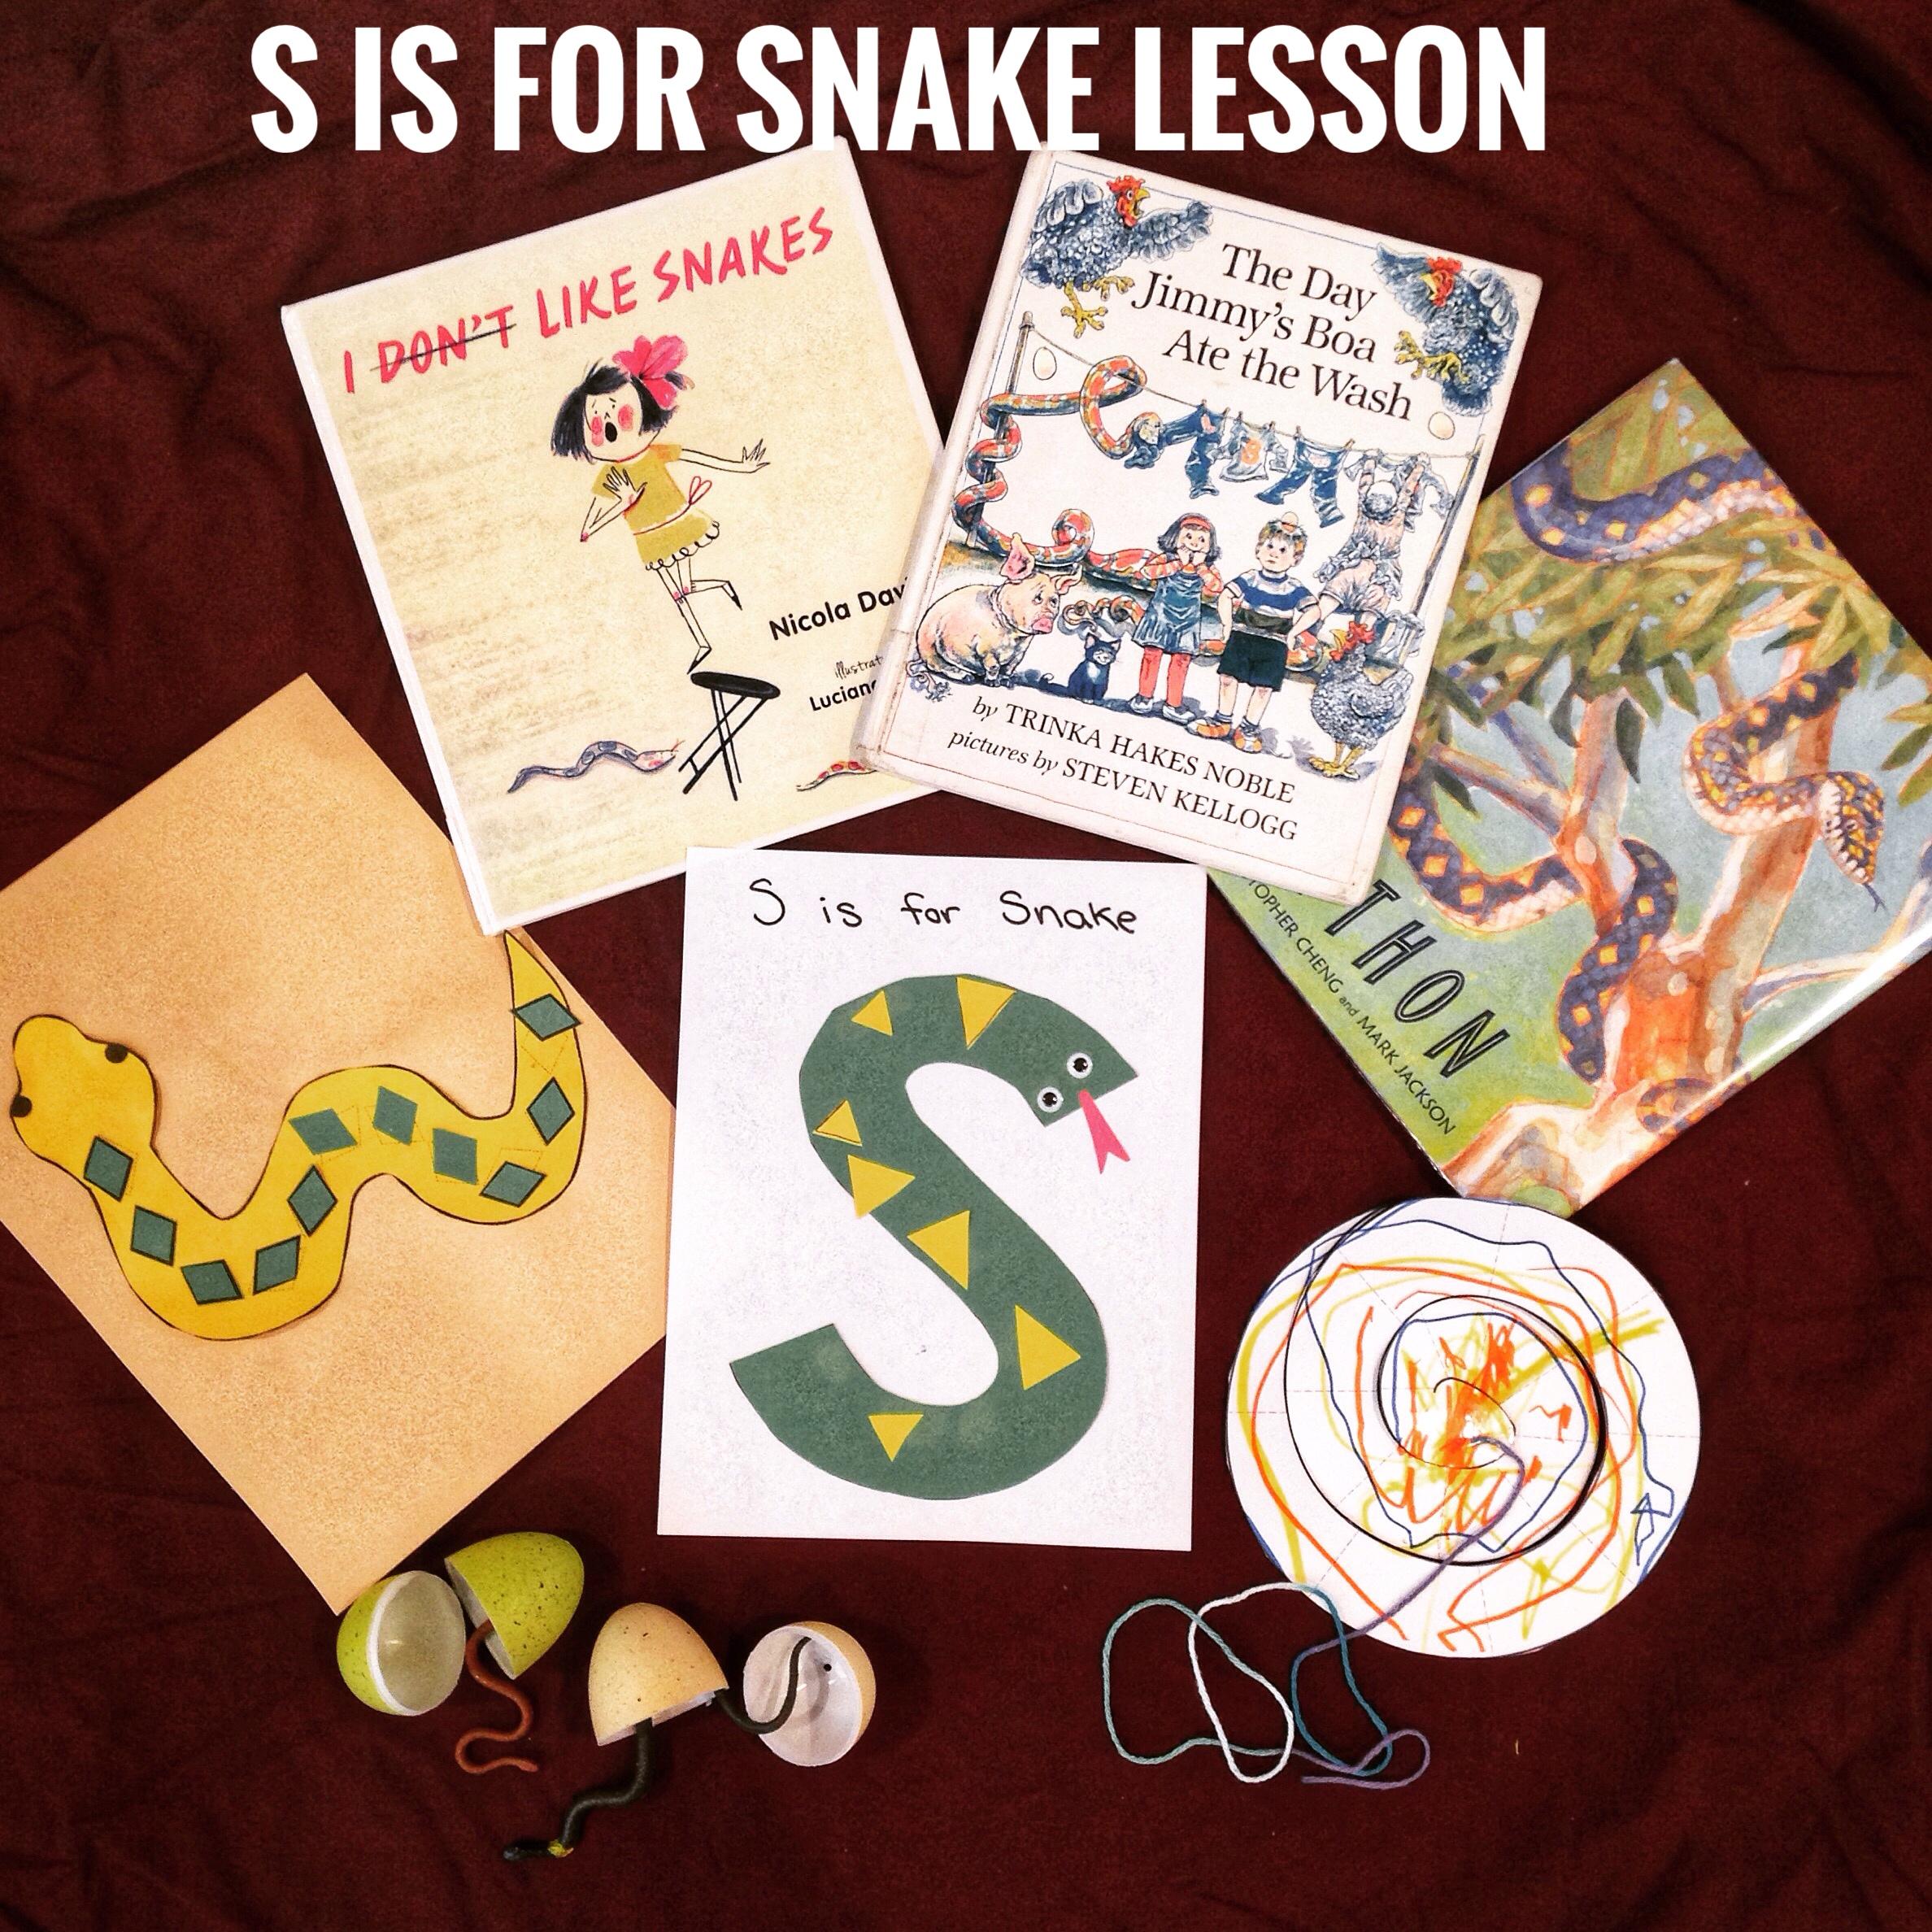 S is for Snake Preschool Lesson